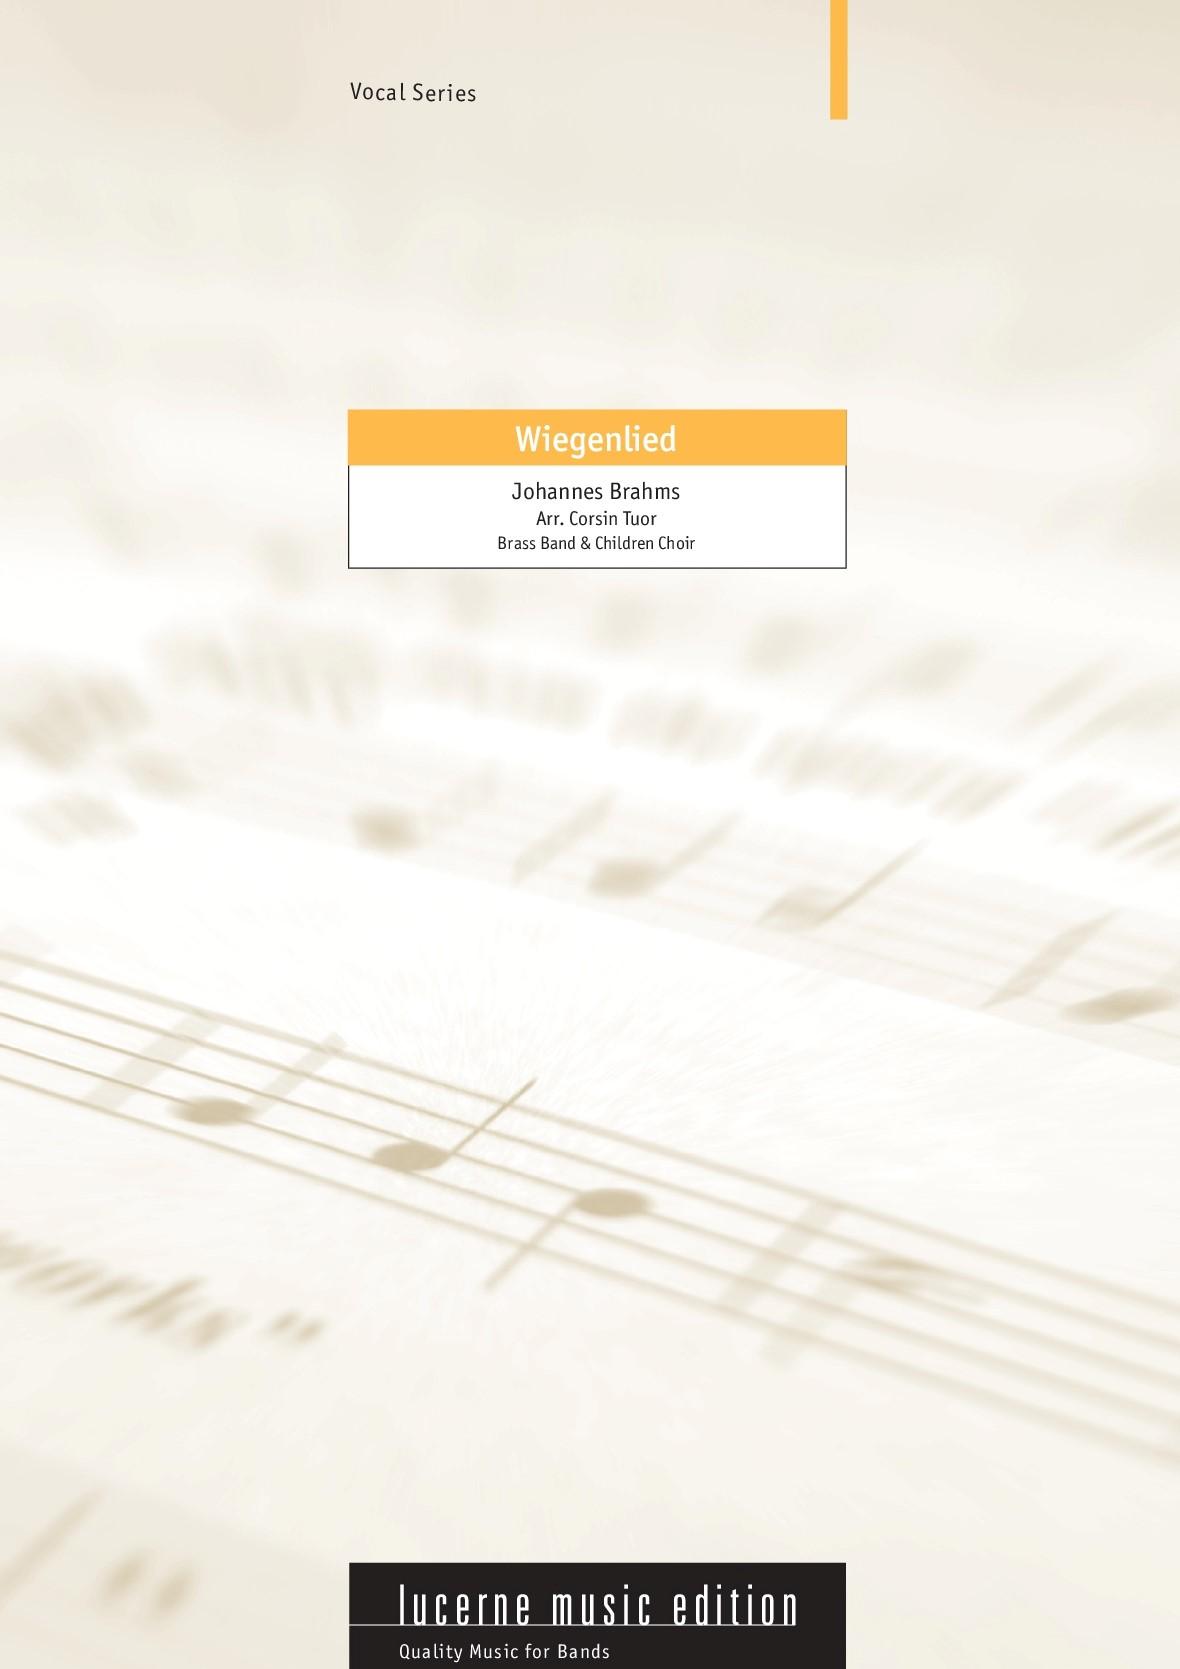 Wiegenlied (incl. Children Choir)